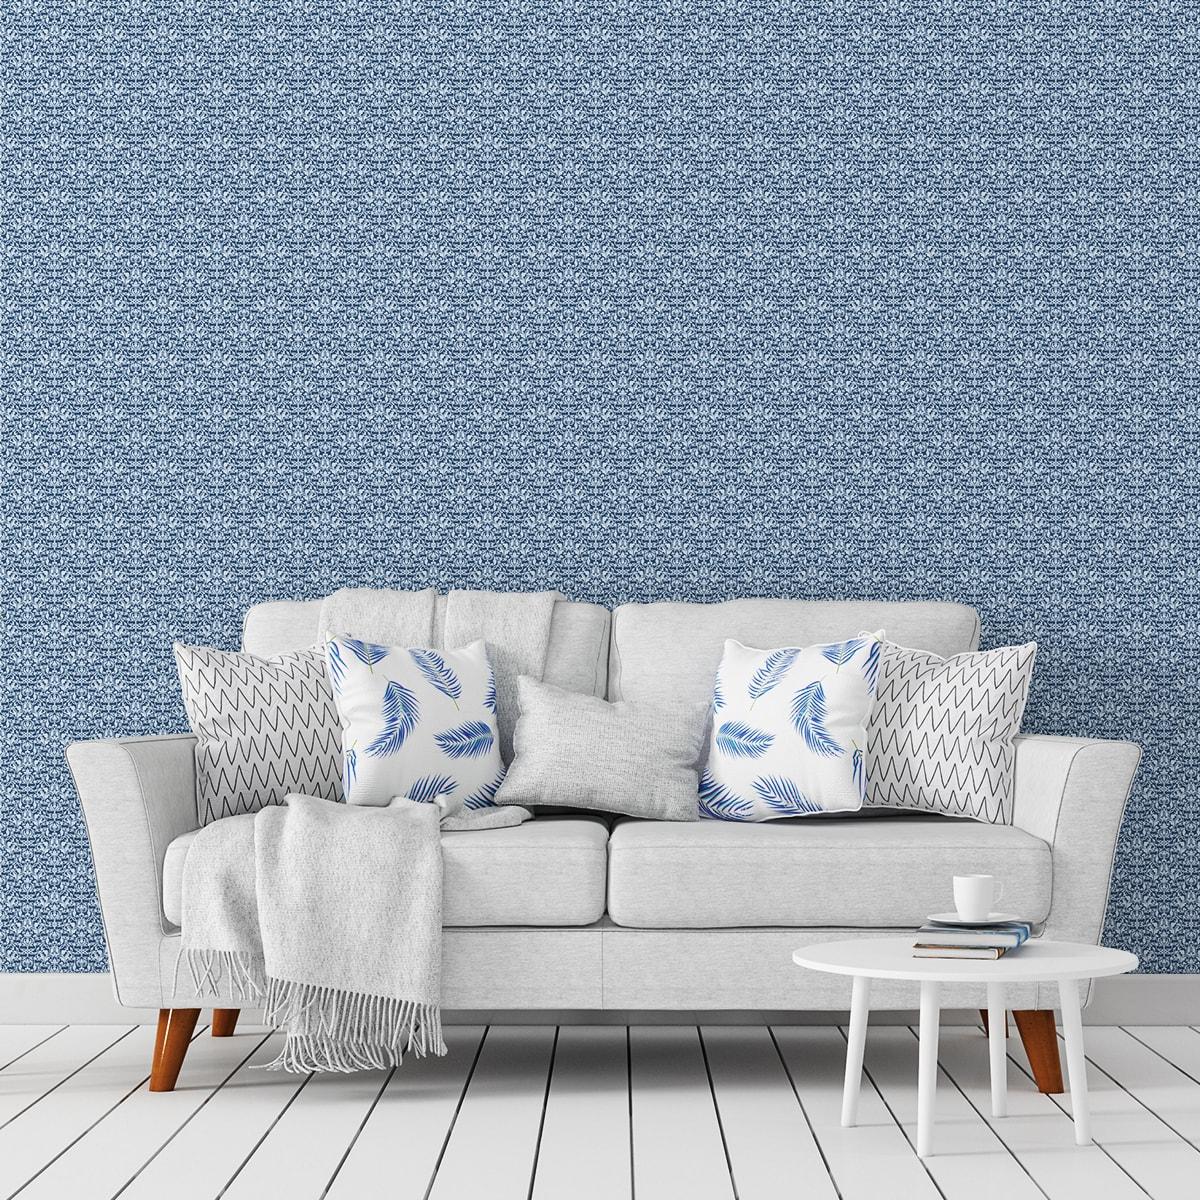 Schlafzimmer tapezieren in hellblau: Florale Ornamenttapete Damast Muster klassisch in blau - Design Tapete für Schlafzimmer